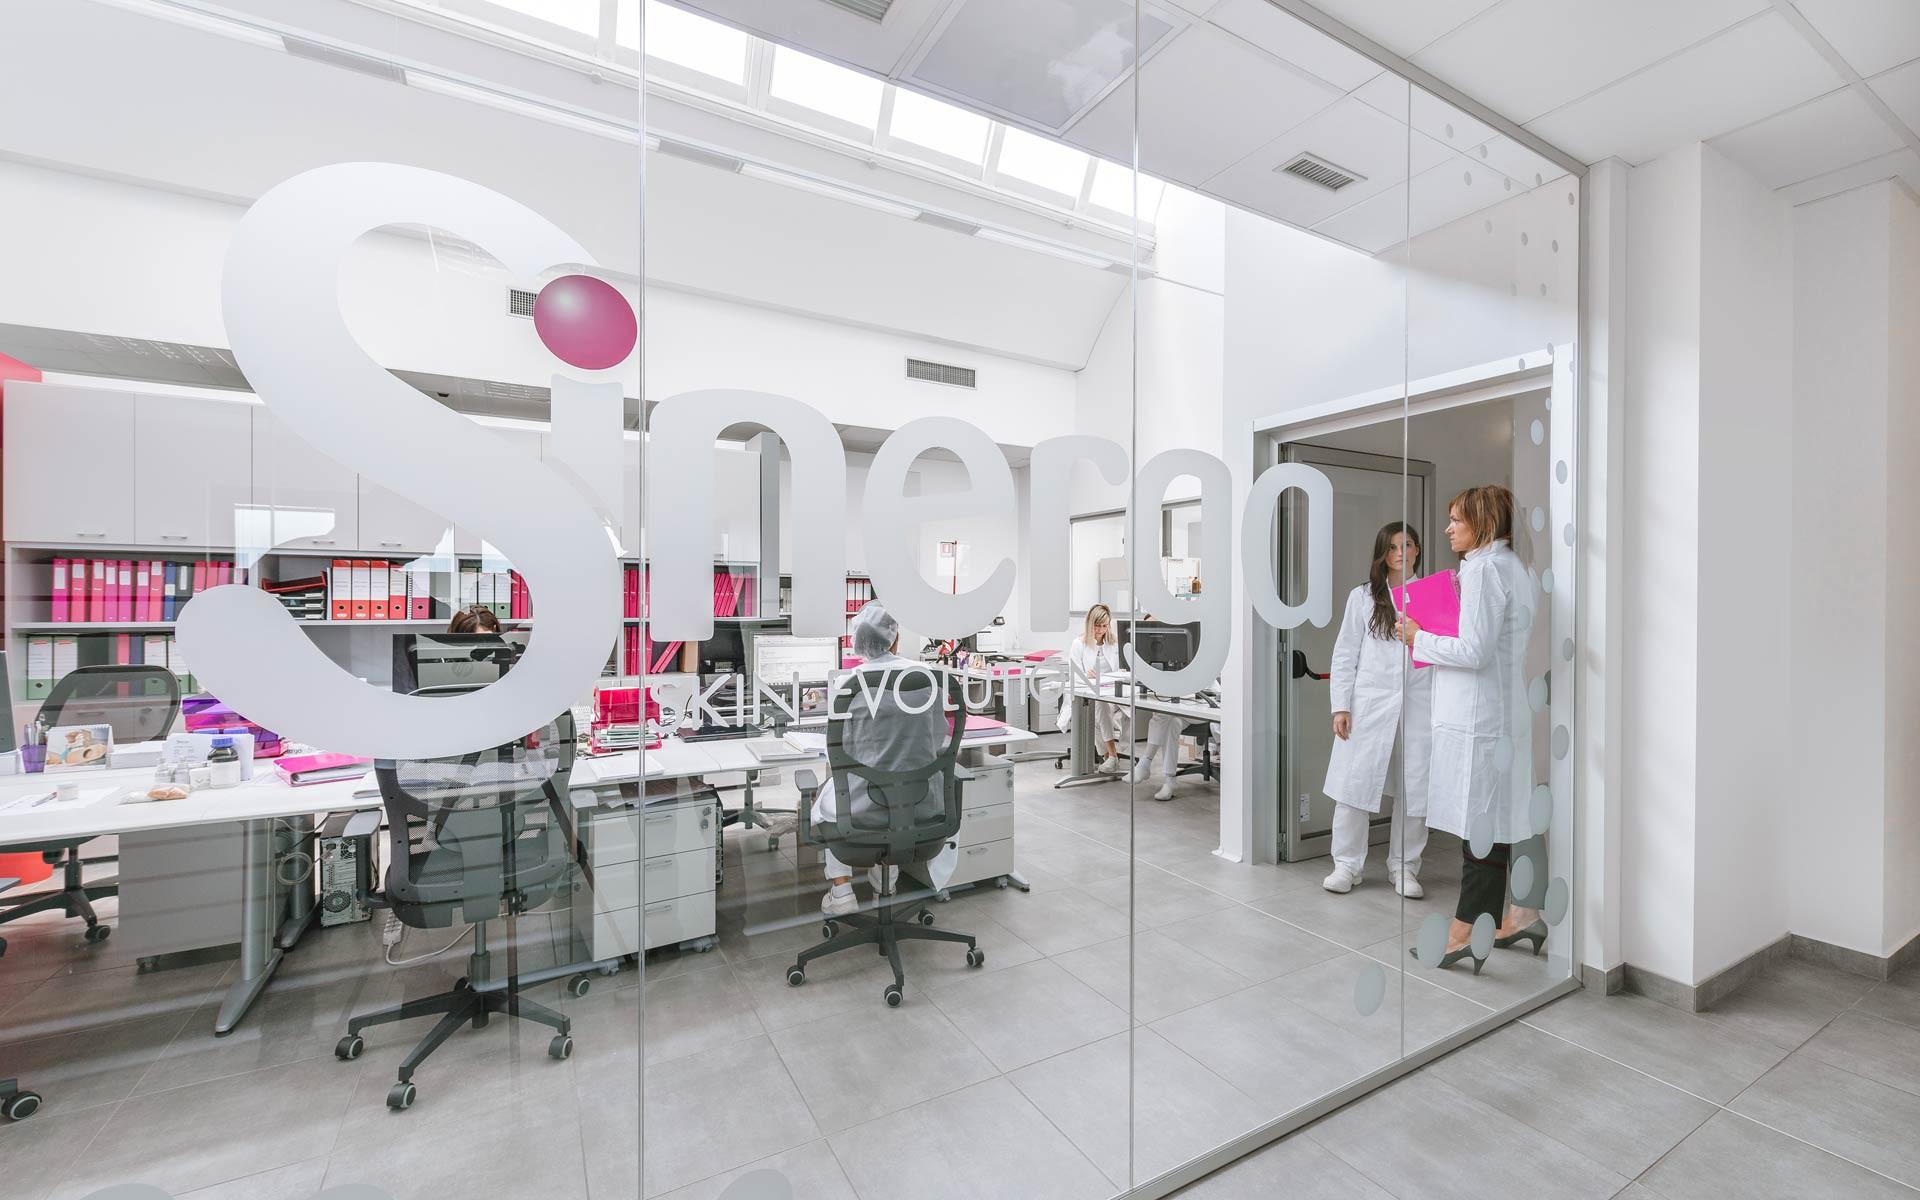 Sinerga ricerca personale per il suo laboratorio cosmetico conto terzi